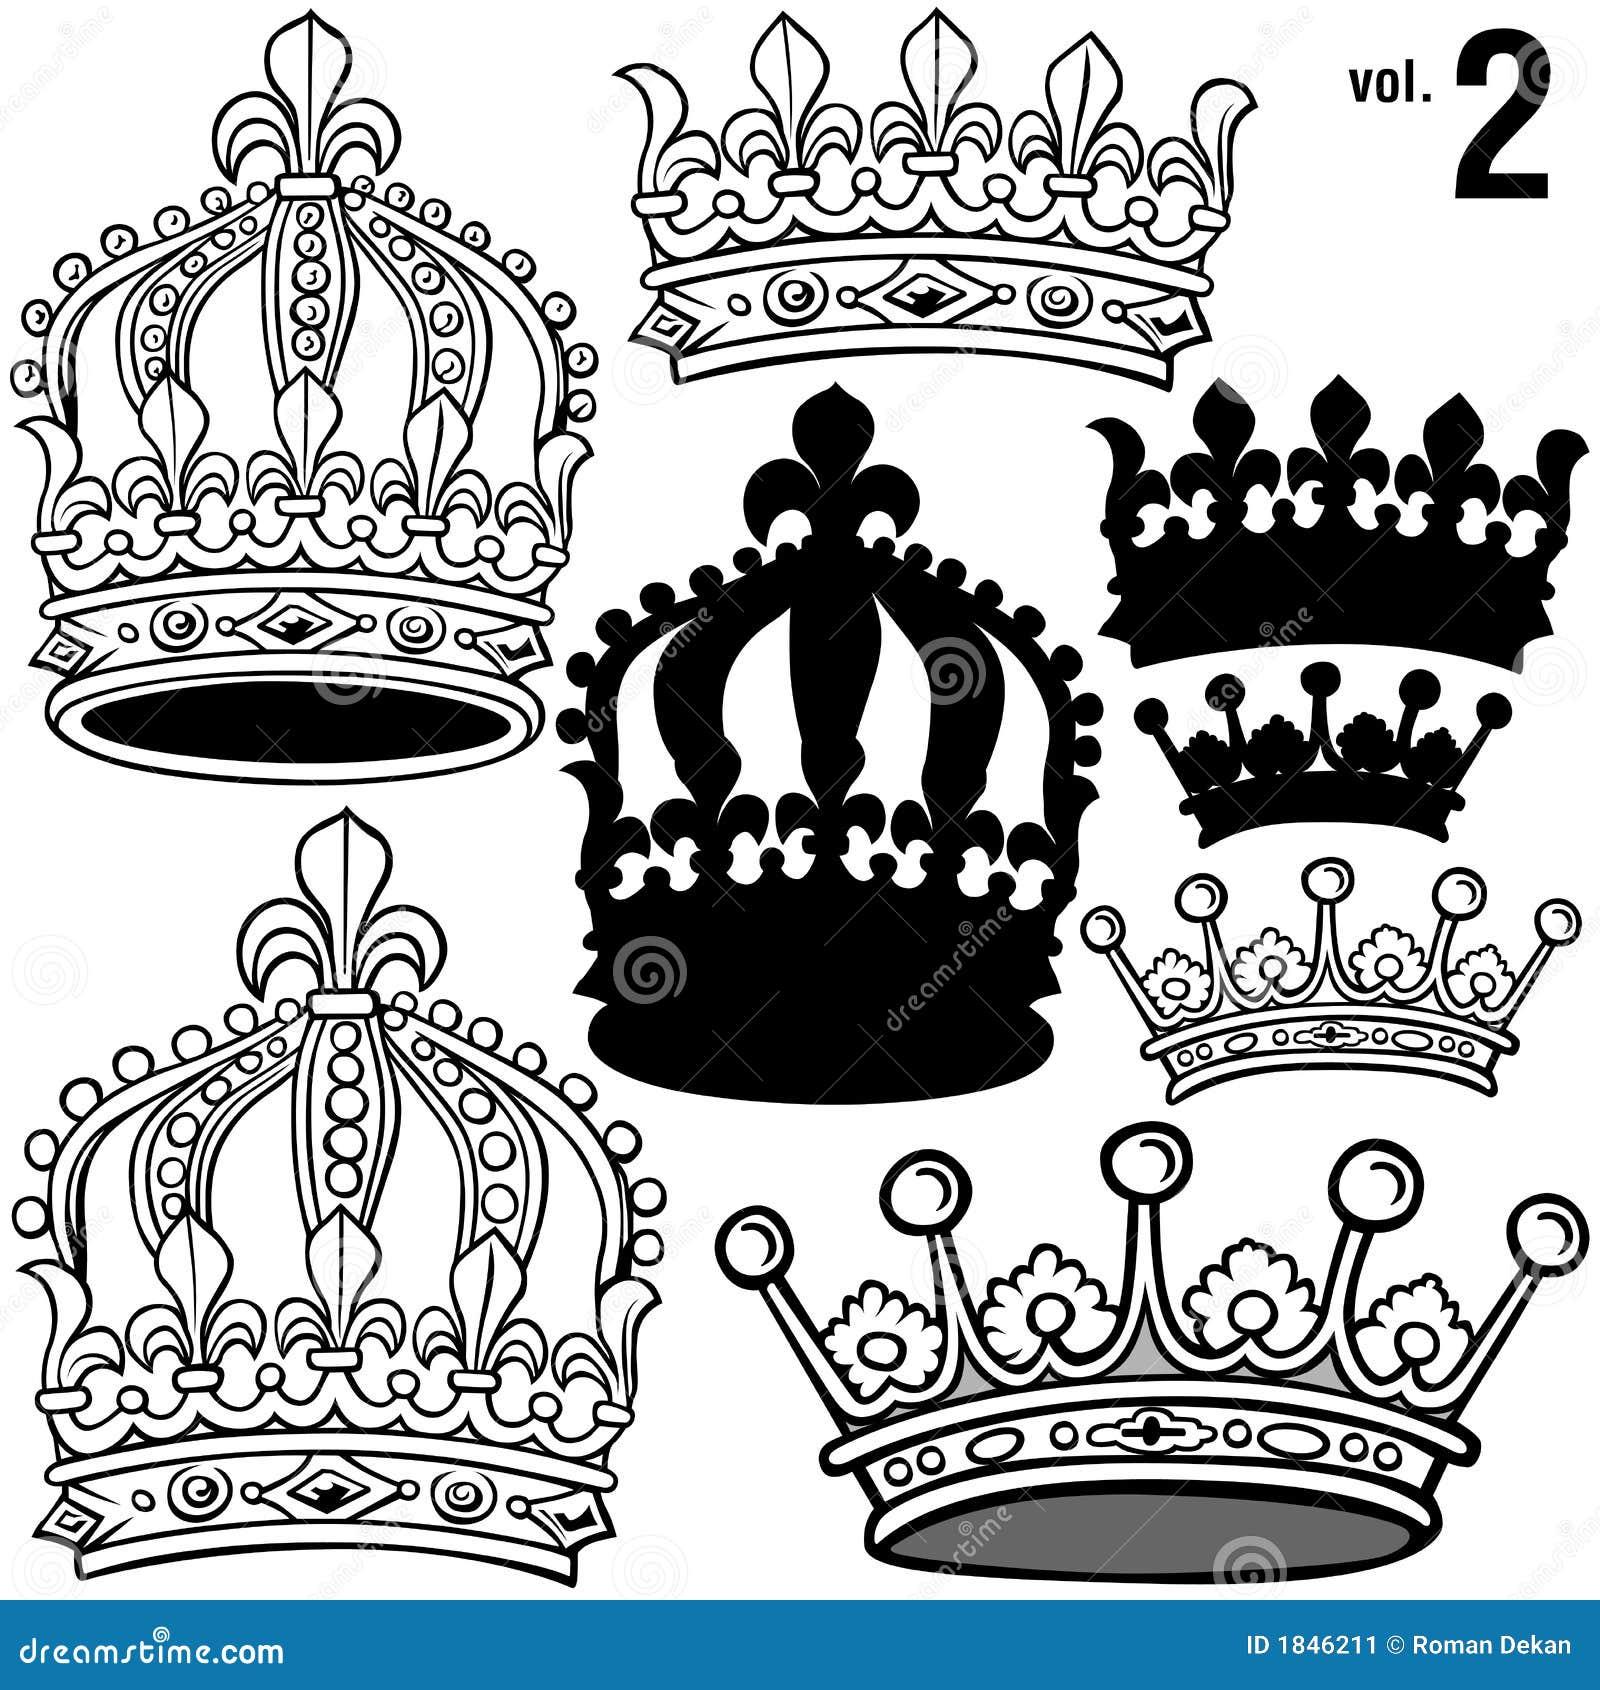 Königliche Kronen vol.2